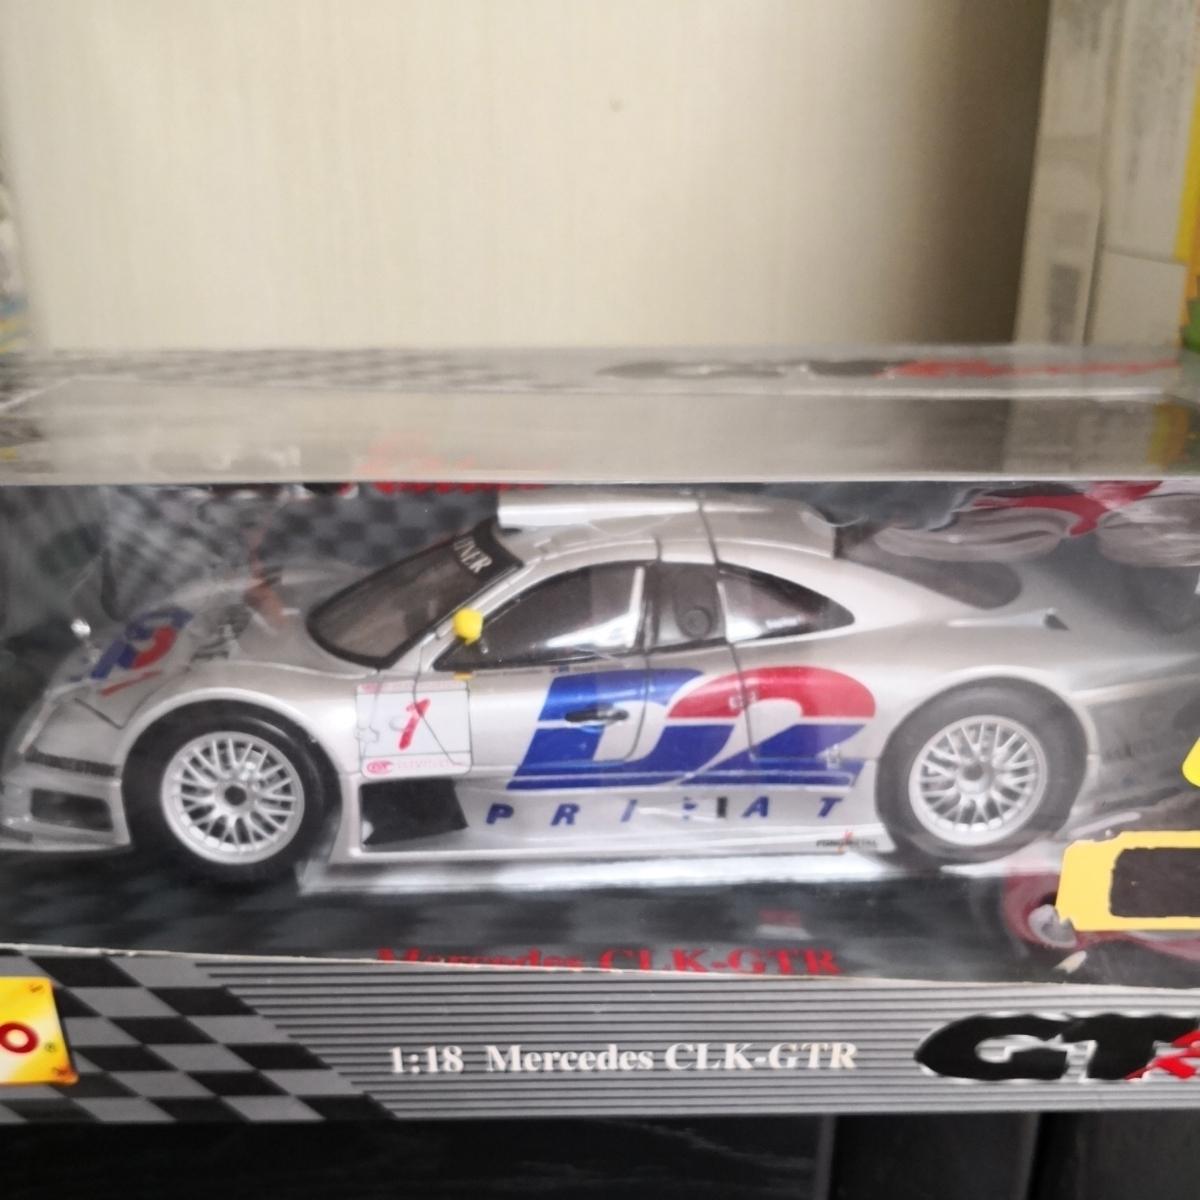 超レアー 1/18ルマンシリーズ3台ミニチュアレーシングカー_画像5